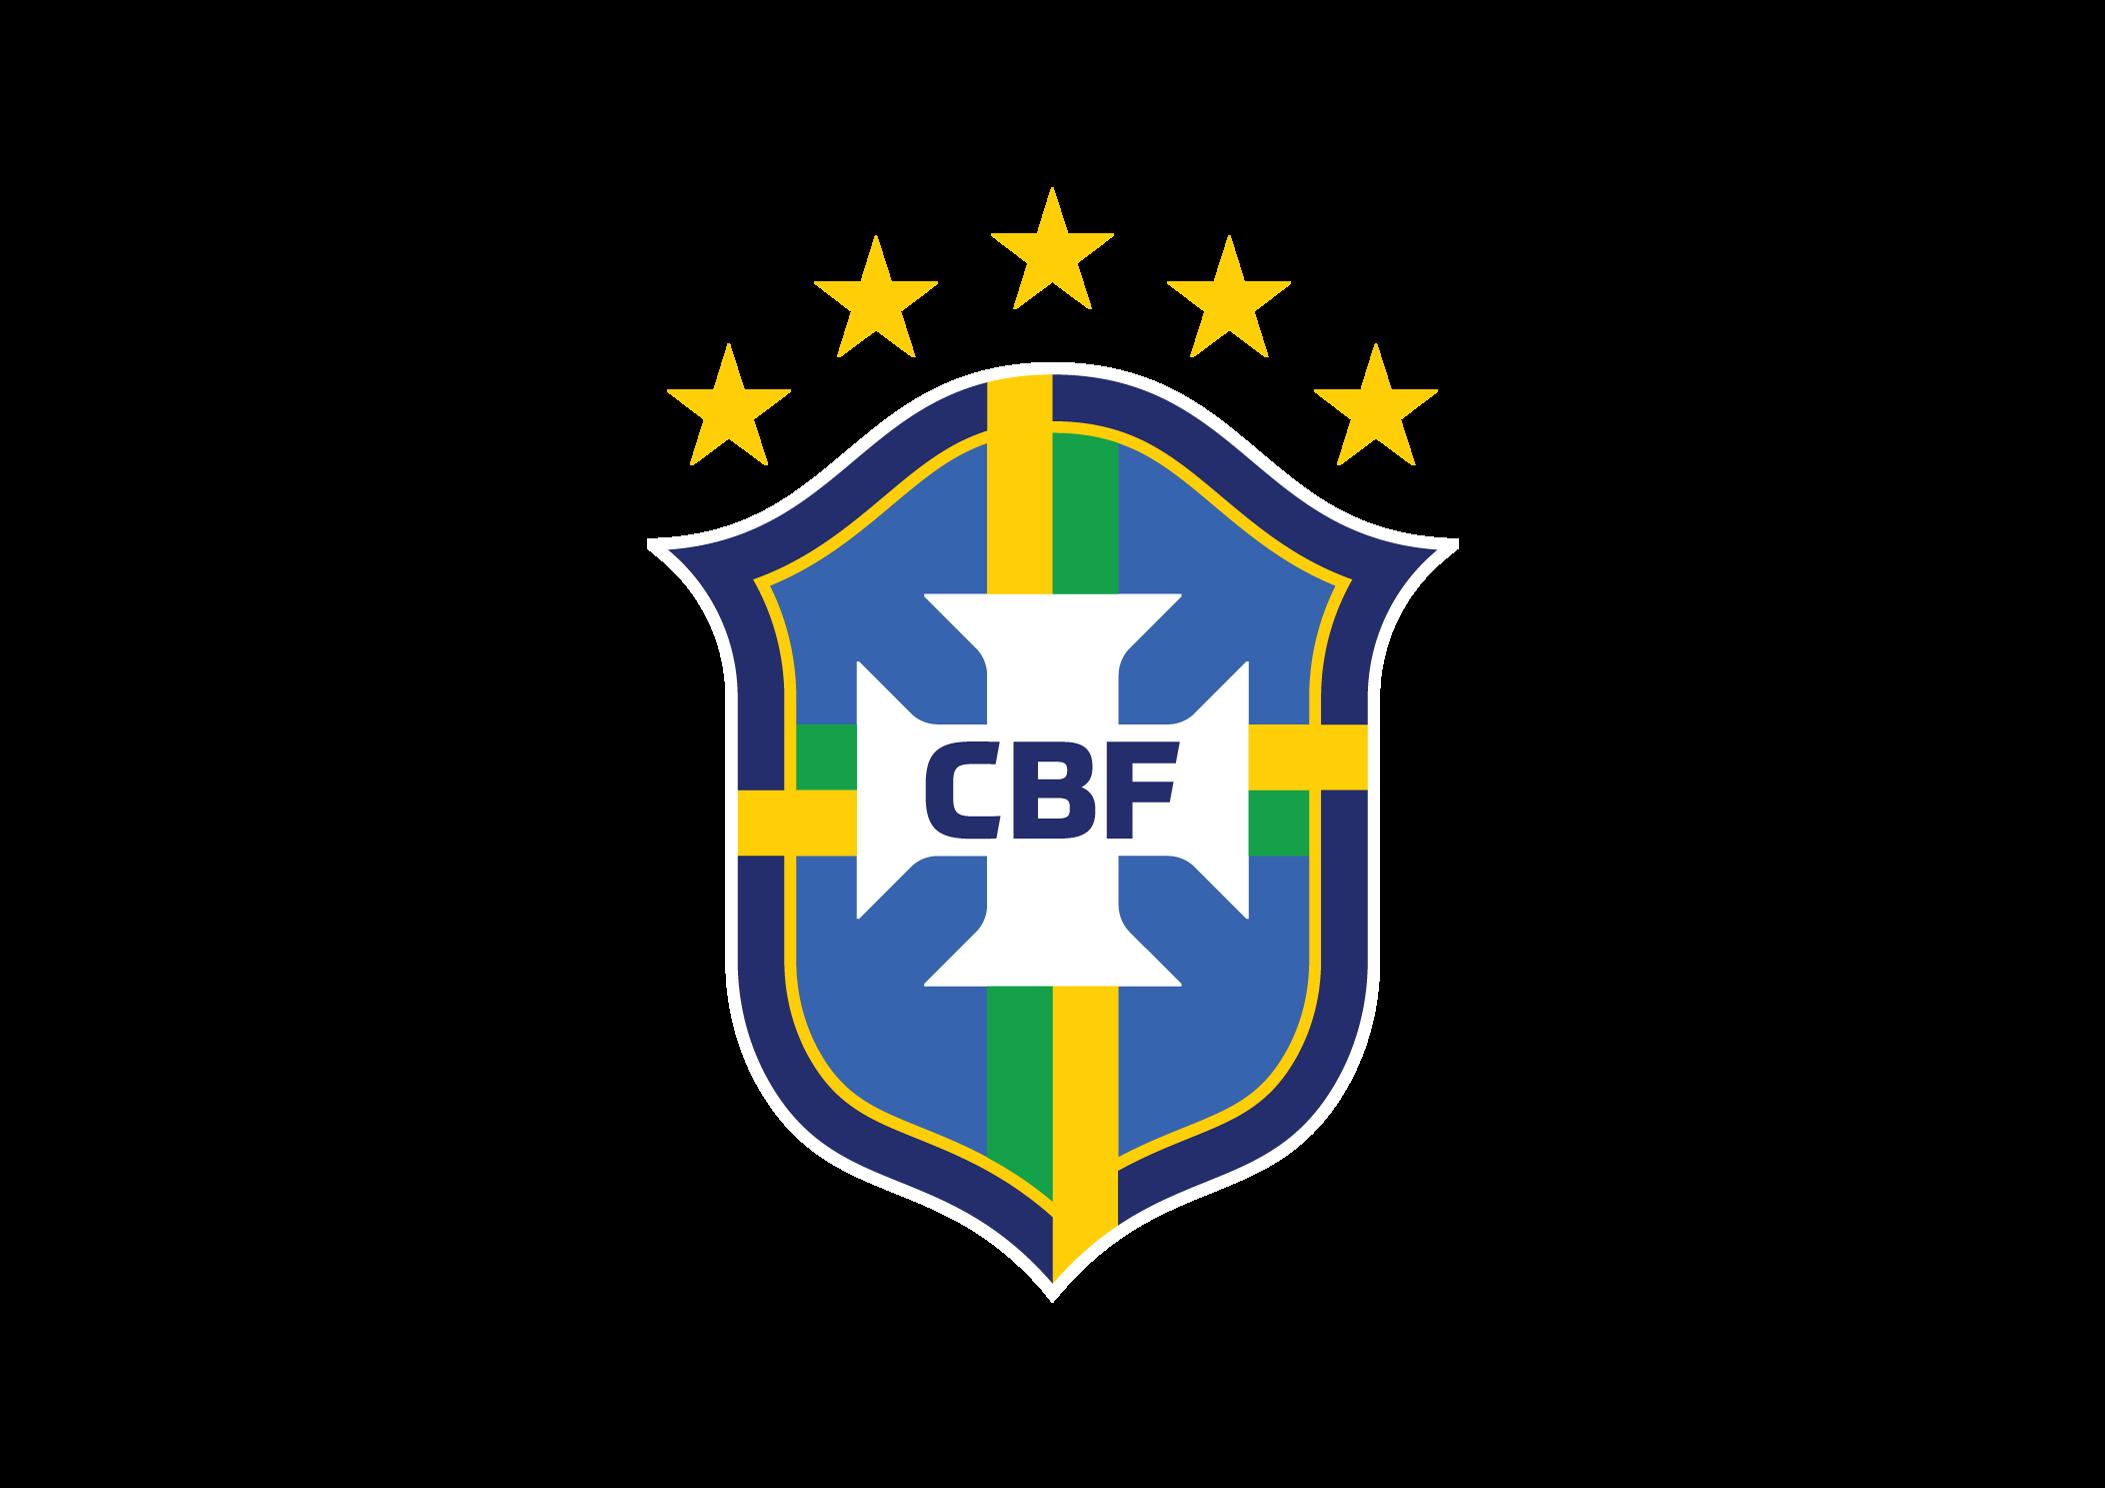 CBF_ESCUDO-FIO_BRANCO.png